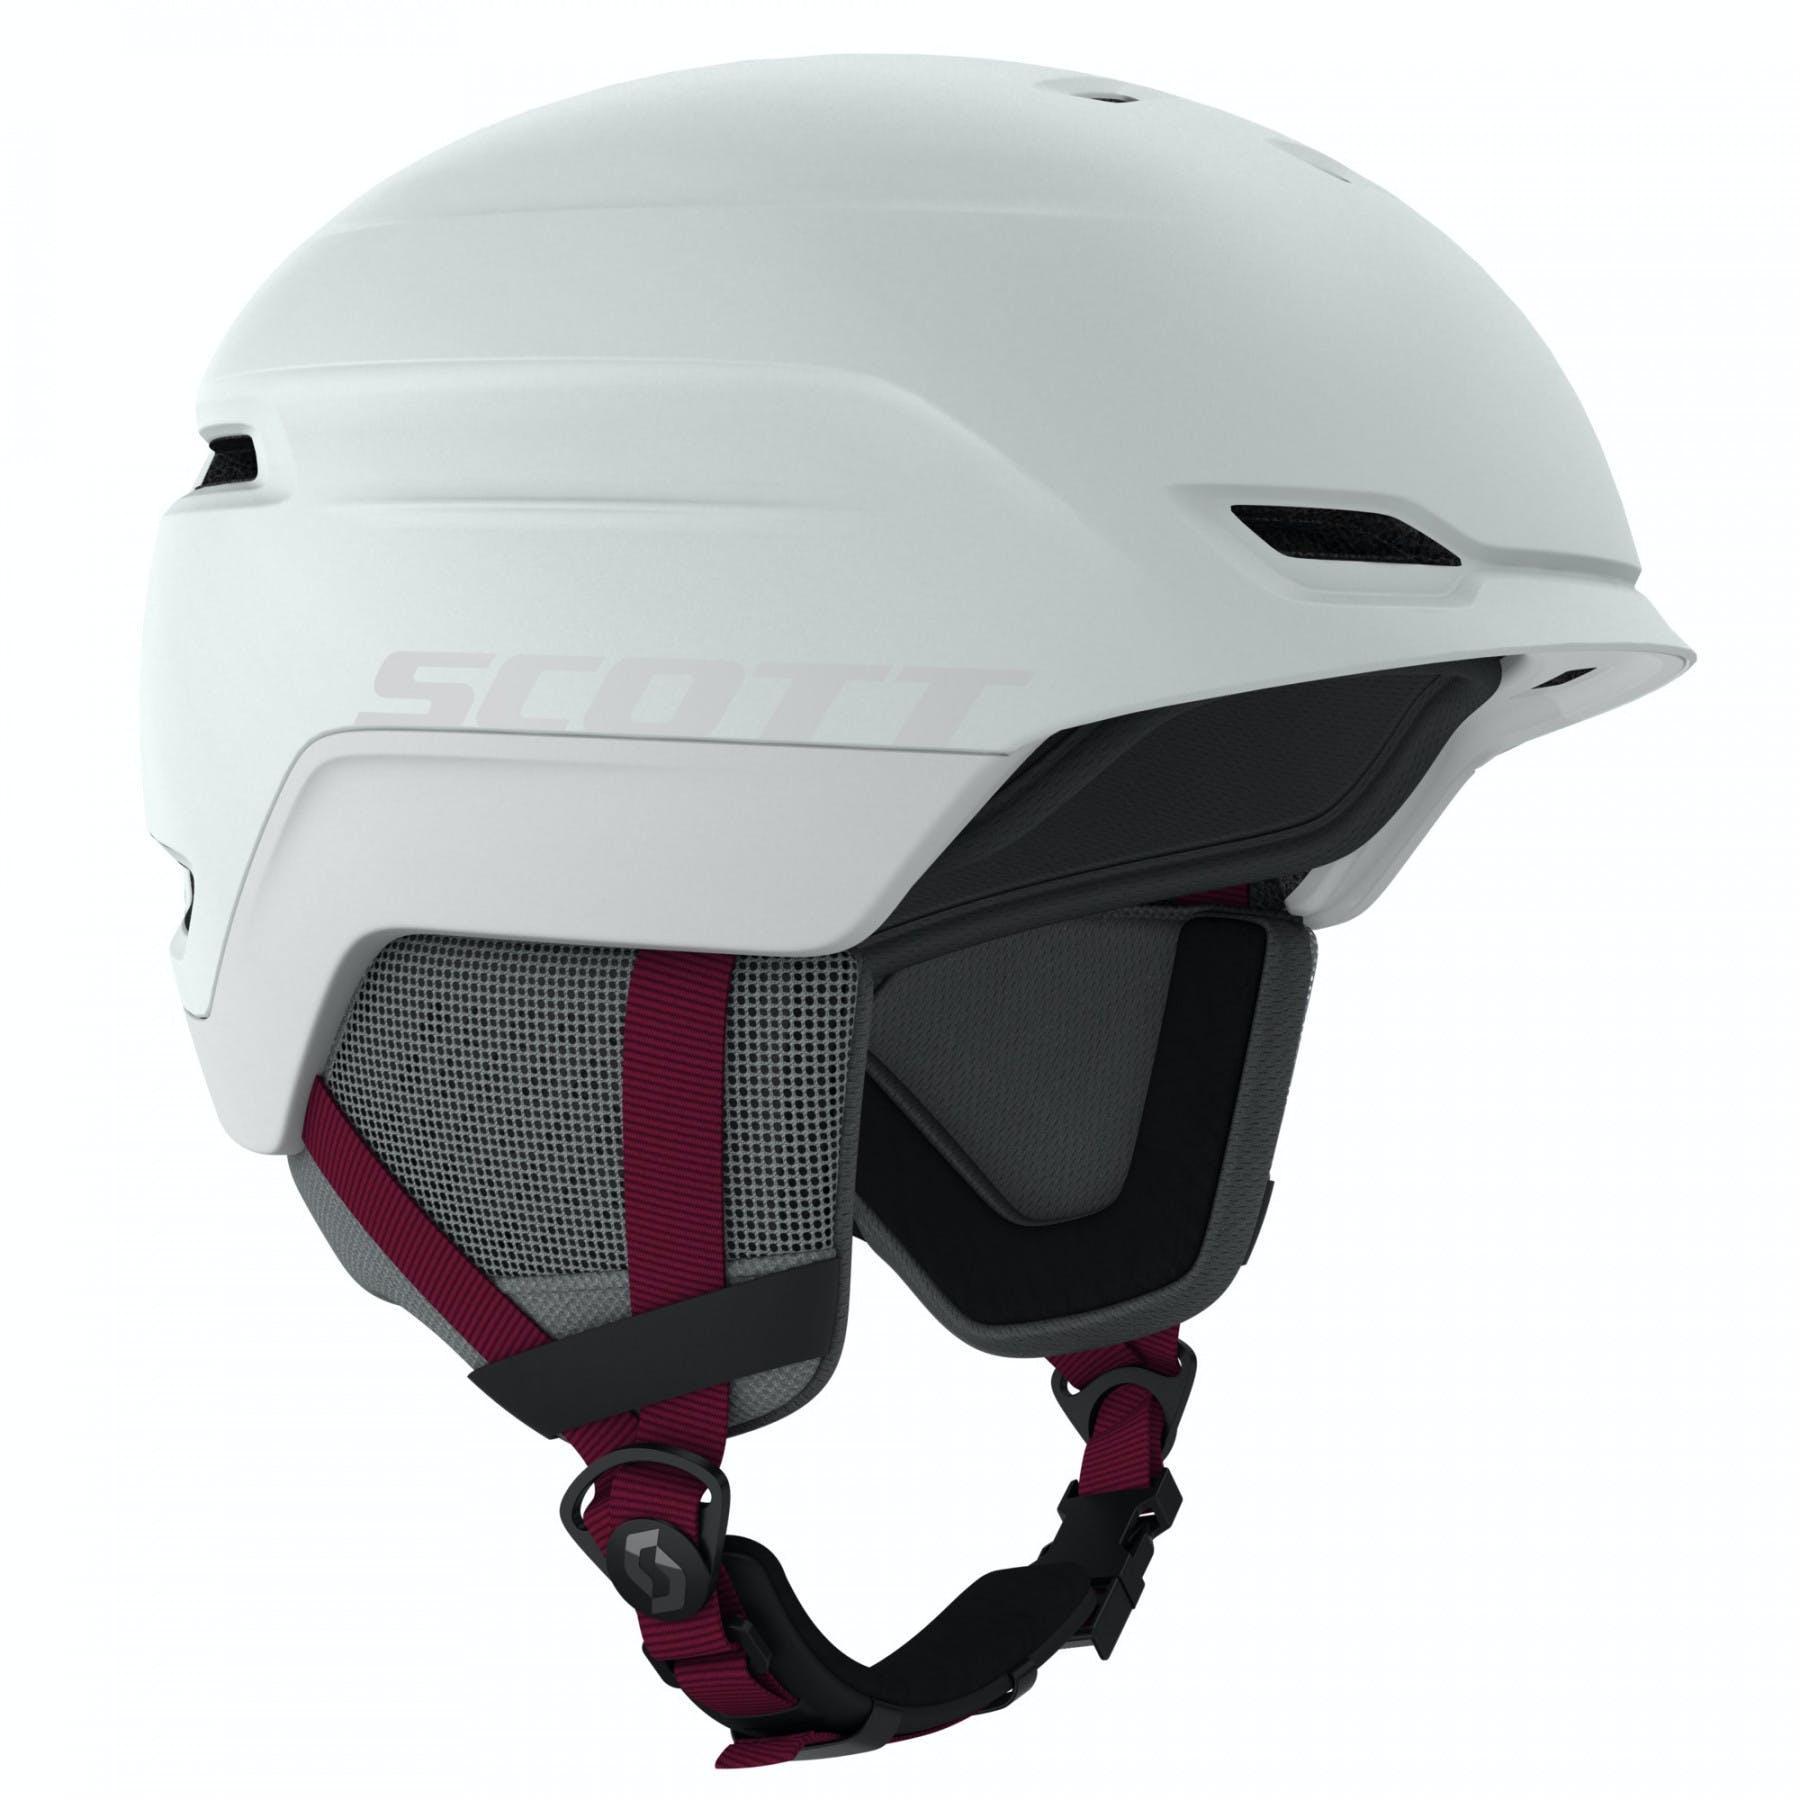 Scott Chase 2 Plus Helmet Large Mist Grey/merlot Red